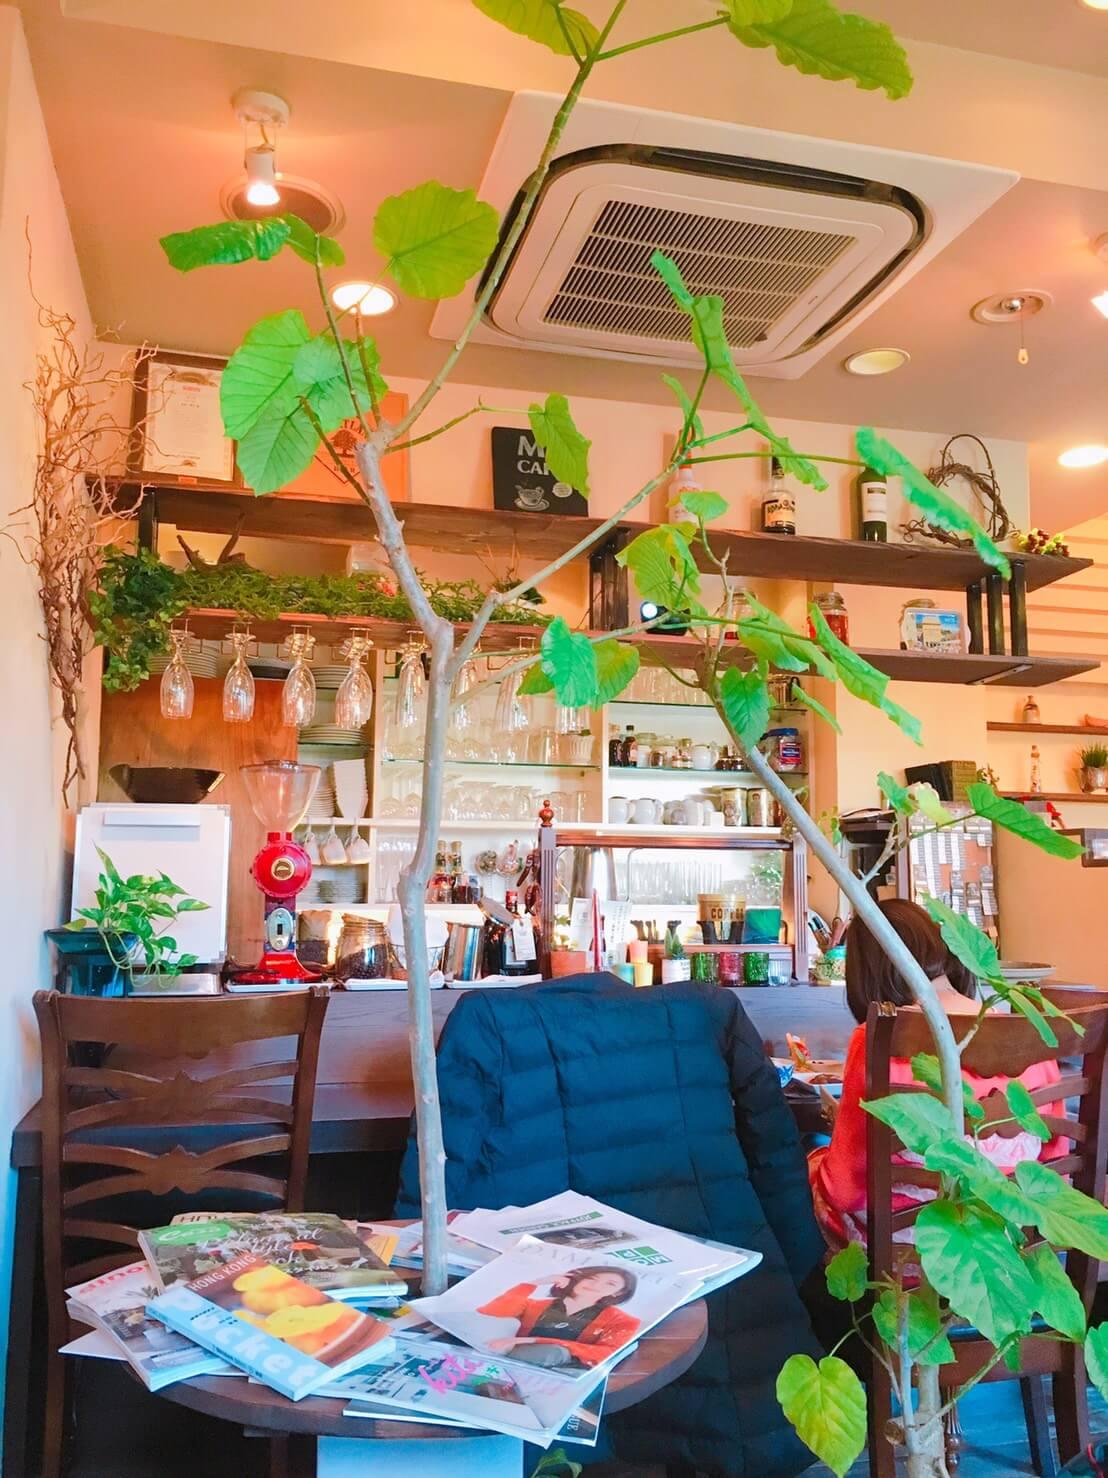 高槻市大畑町にあるアンティーク調のオシャレなカフェ「エムズカフェ M'Scafe」はランチも豪華!